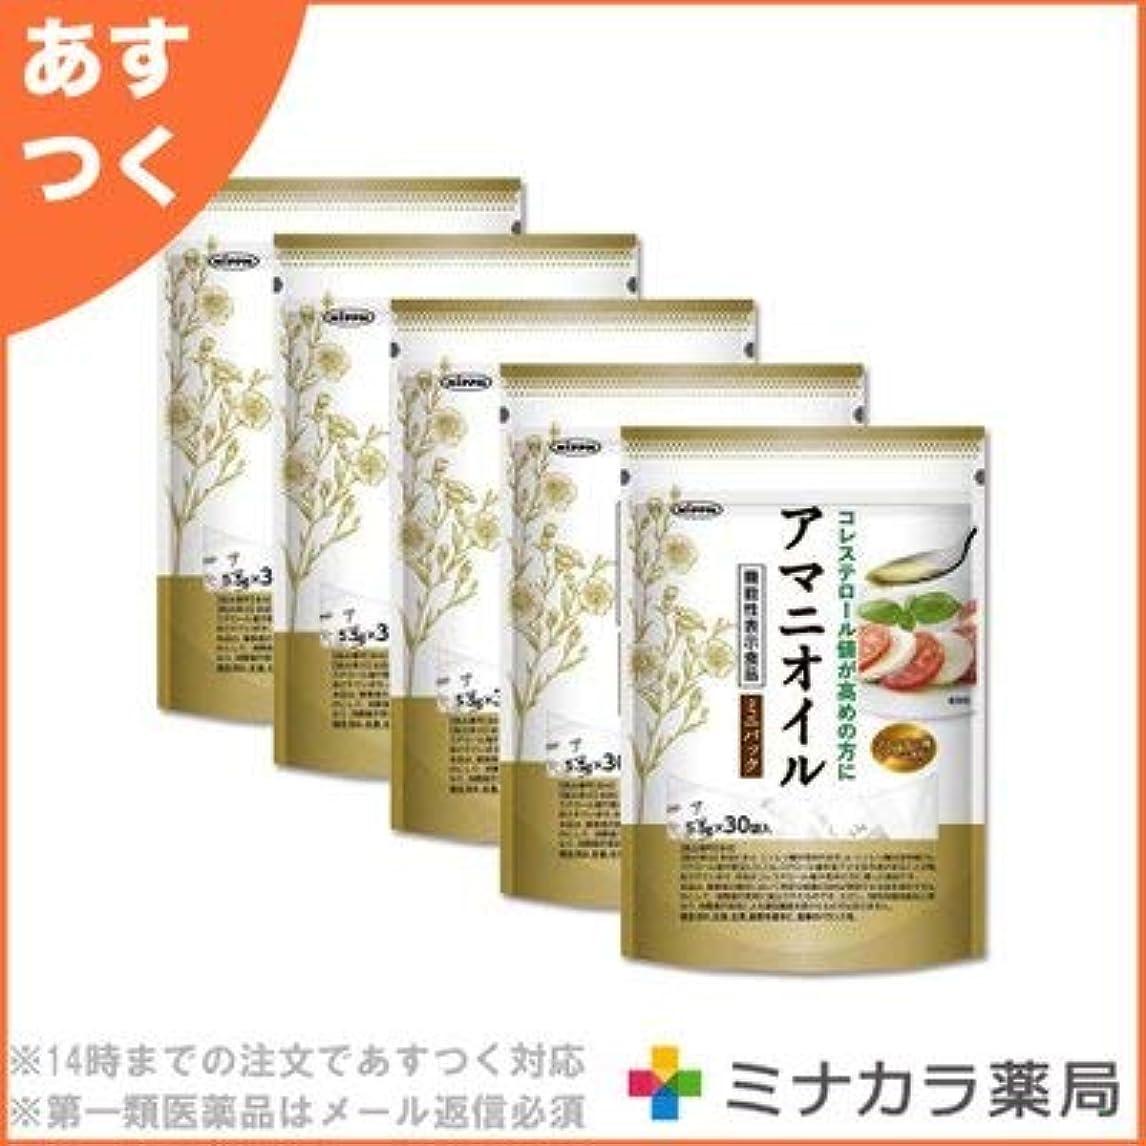 セマフォ震えセイはさておき日本製粉 アマニオイル ミニパック 5.5g×30 (機能性表示食品)×5個セット